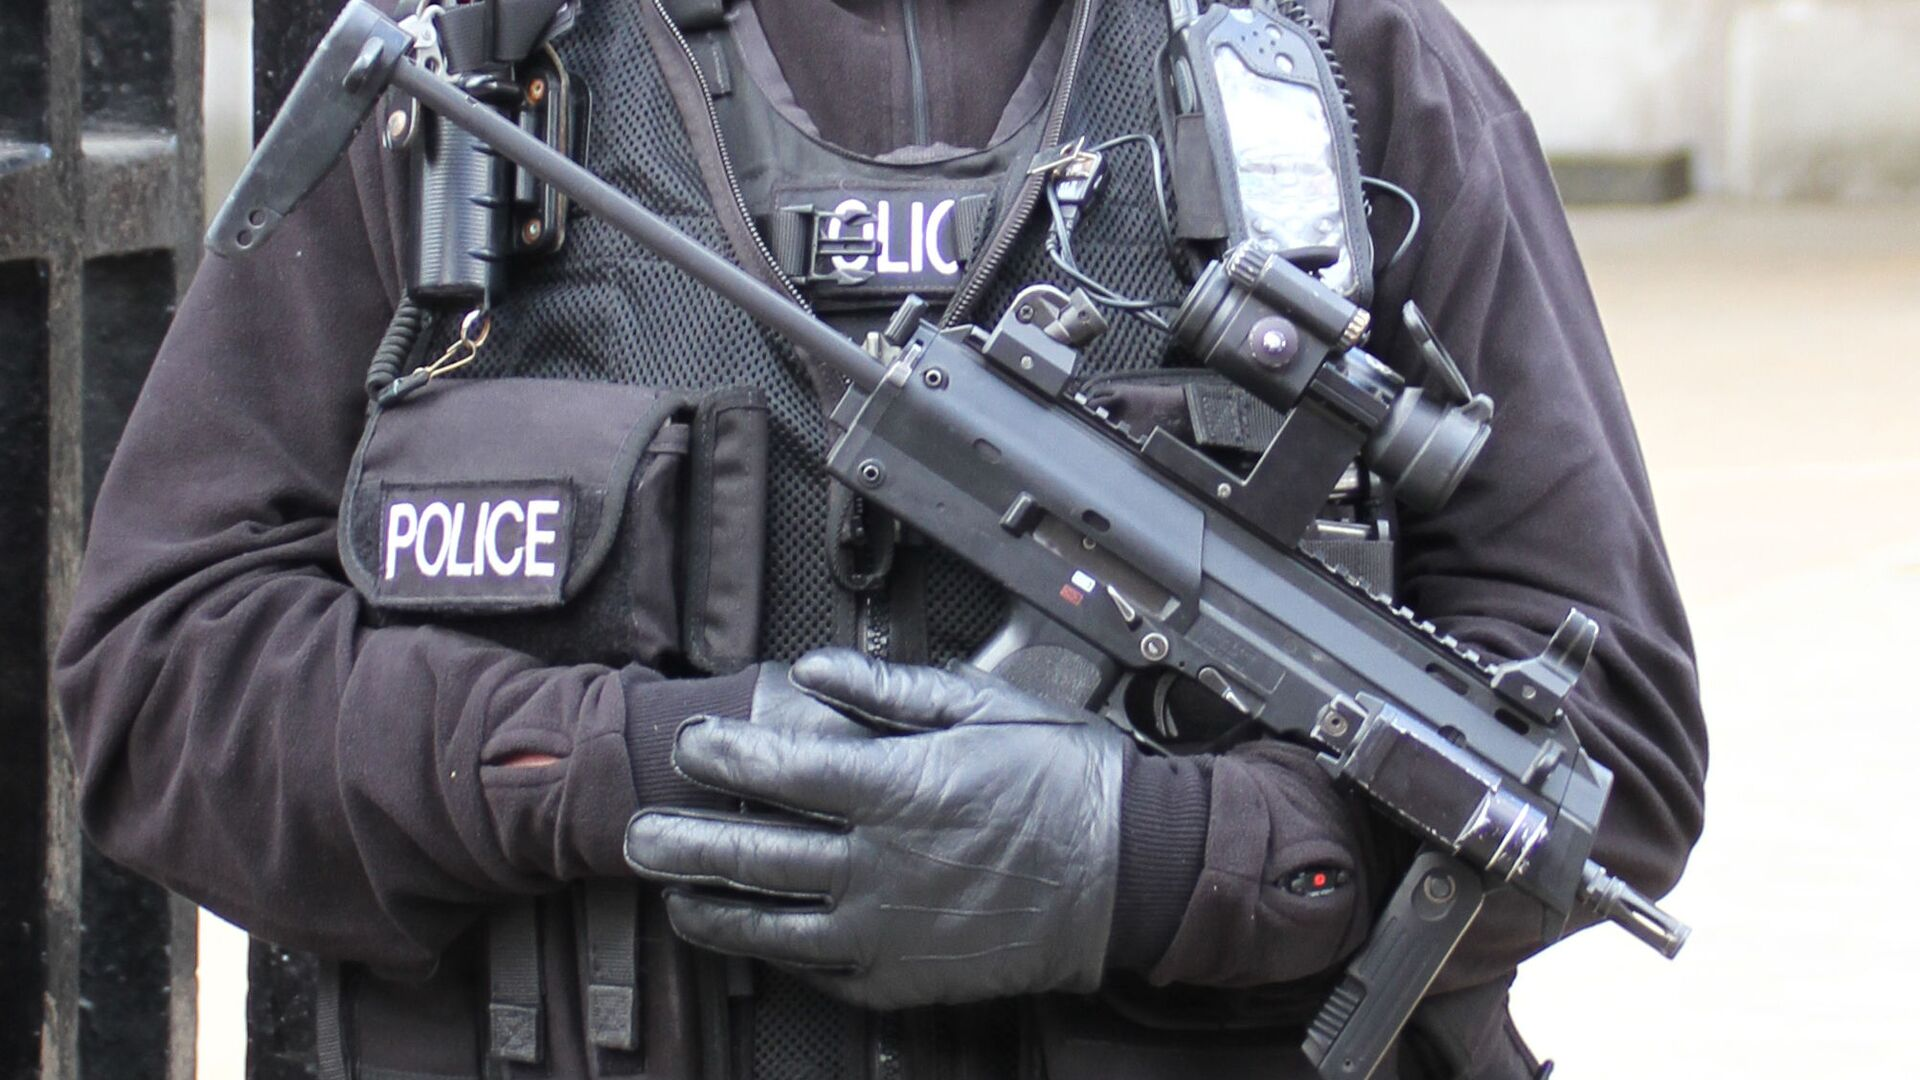 Armed UK police officer - Sputnik International, 1920, 29.03.2021